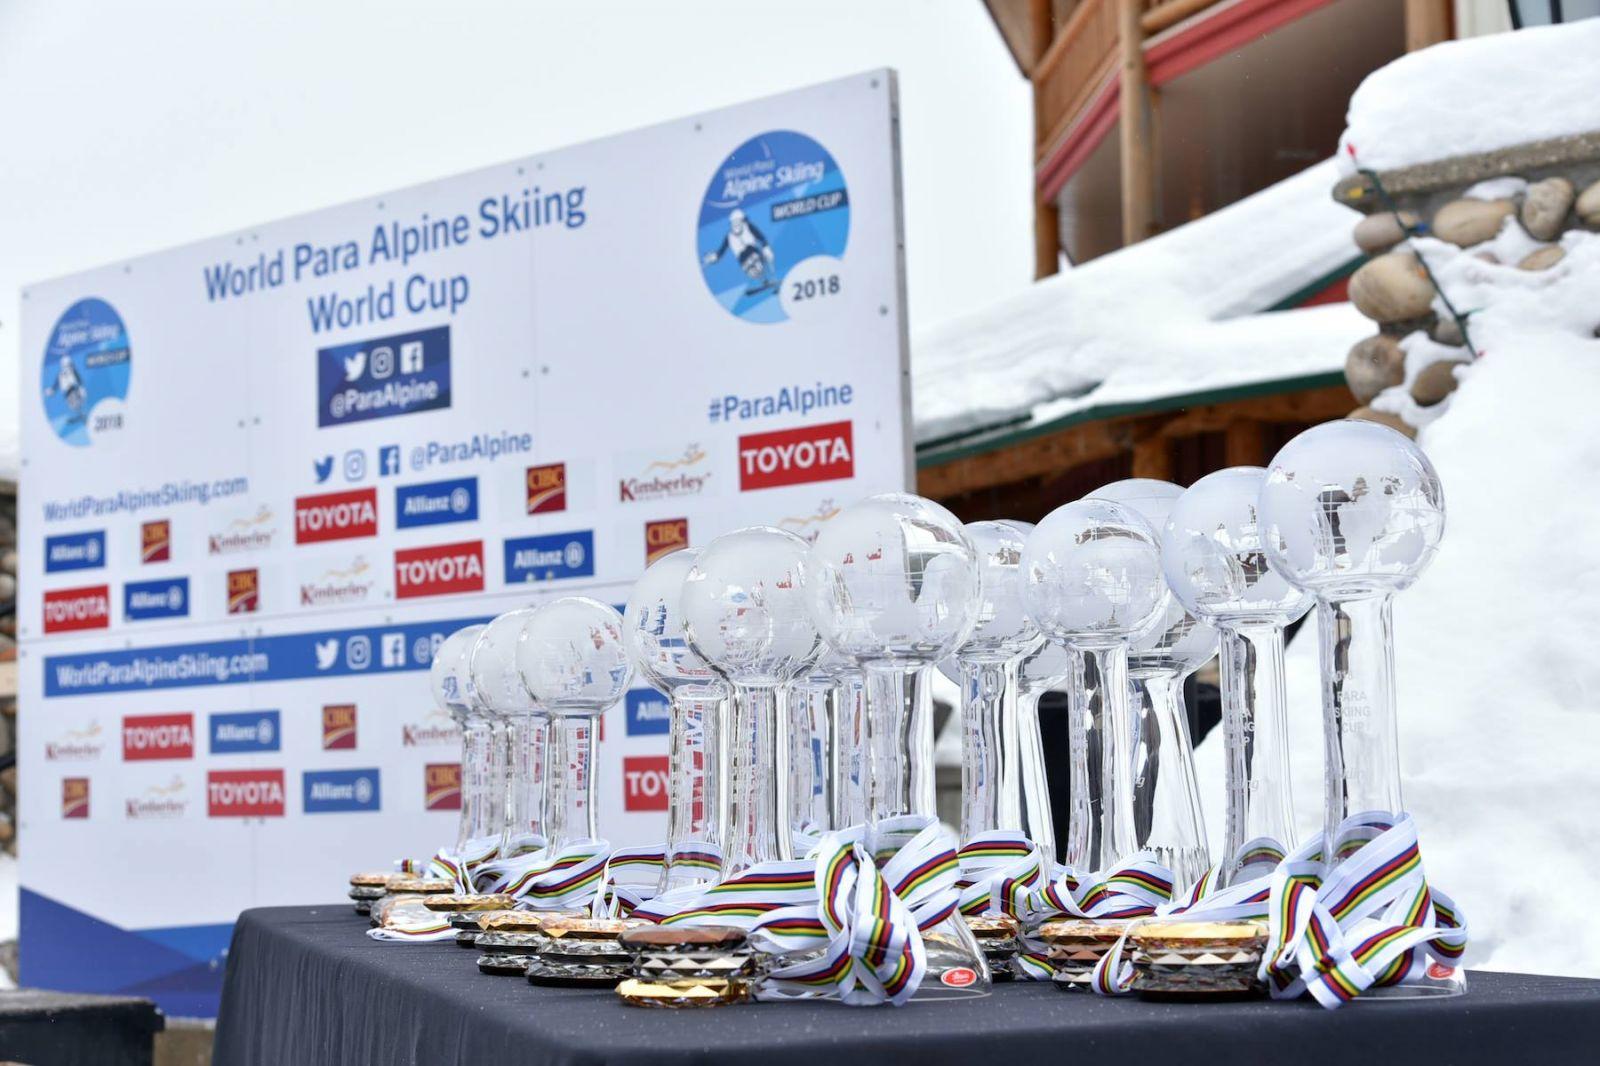 Алексей Бугаев и Мария Папулова вошли в тройки сильнейших по итогам общего зачета Кубка мира по горнолыжному спорту среди лиц с ПОДА и нарушением зрения